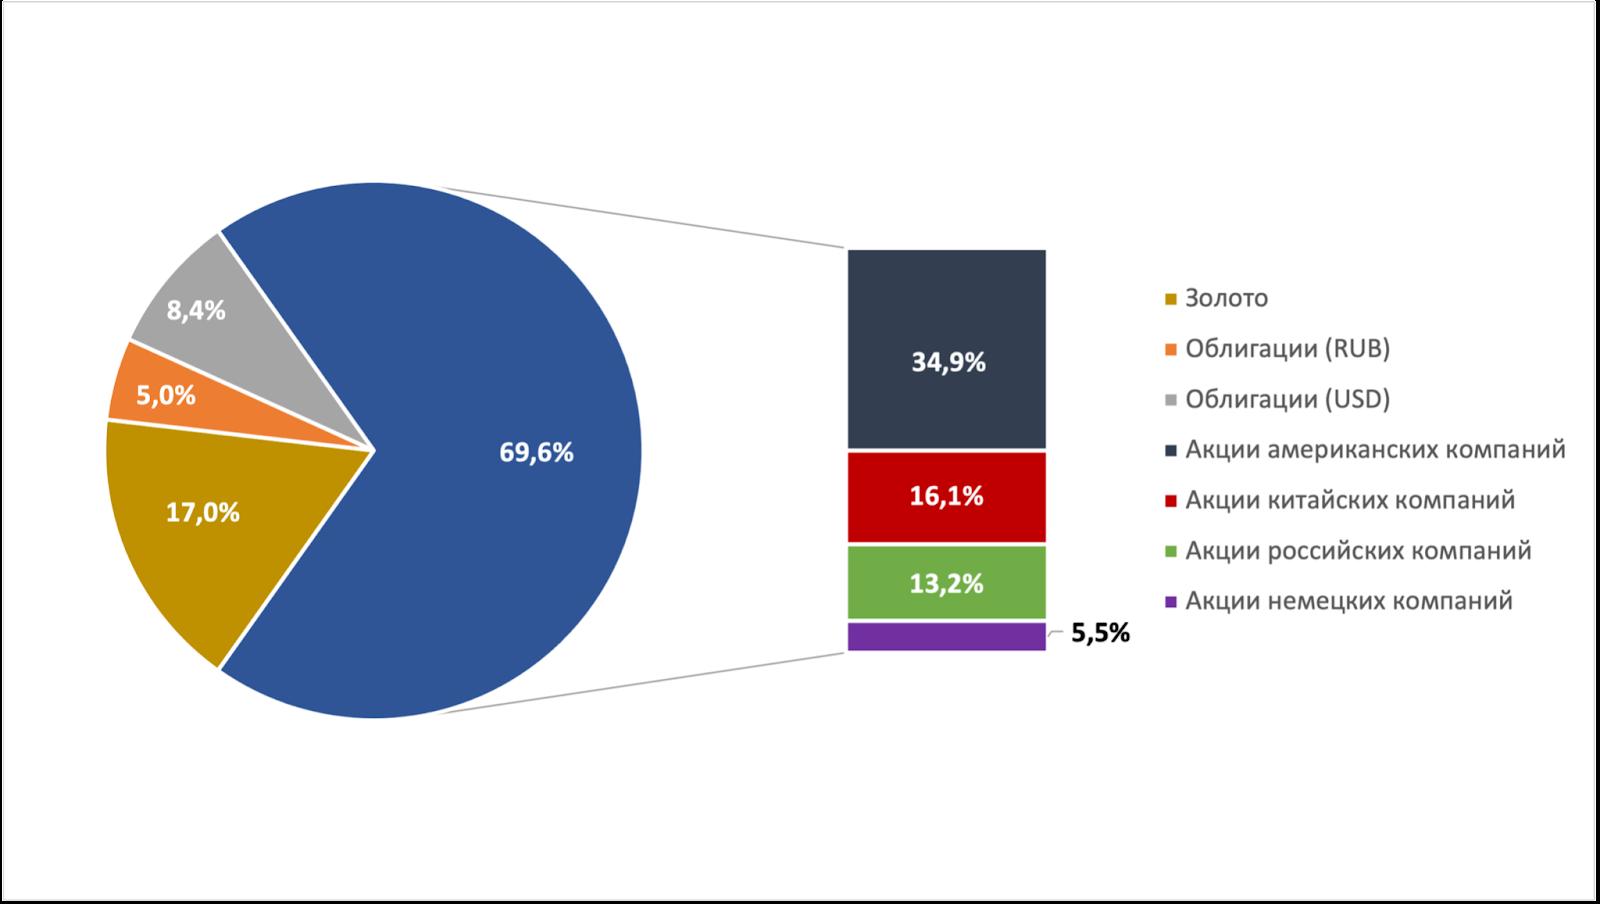 Распределение Народного портфеля биржевых фондов в мае 2021 г. по классам активов